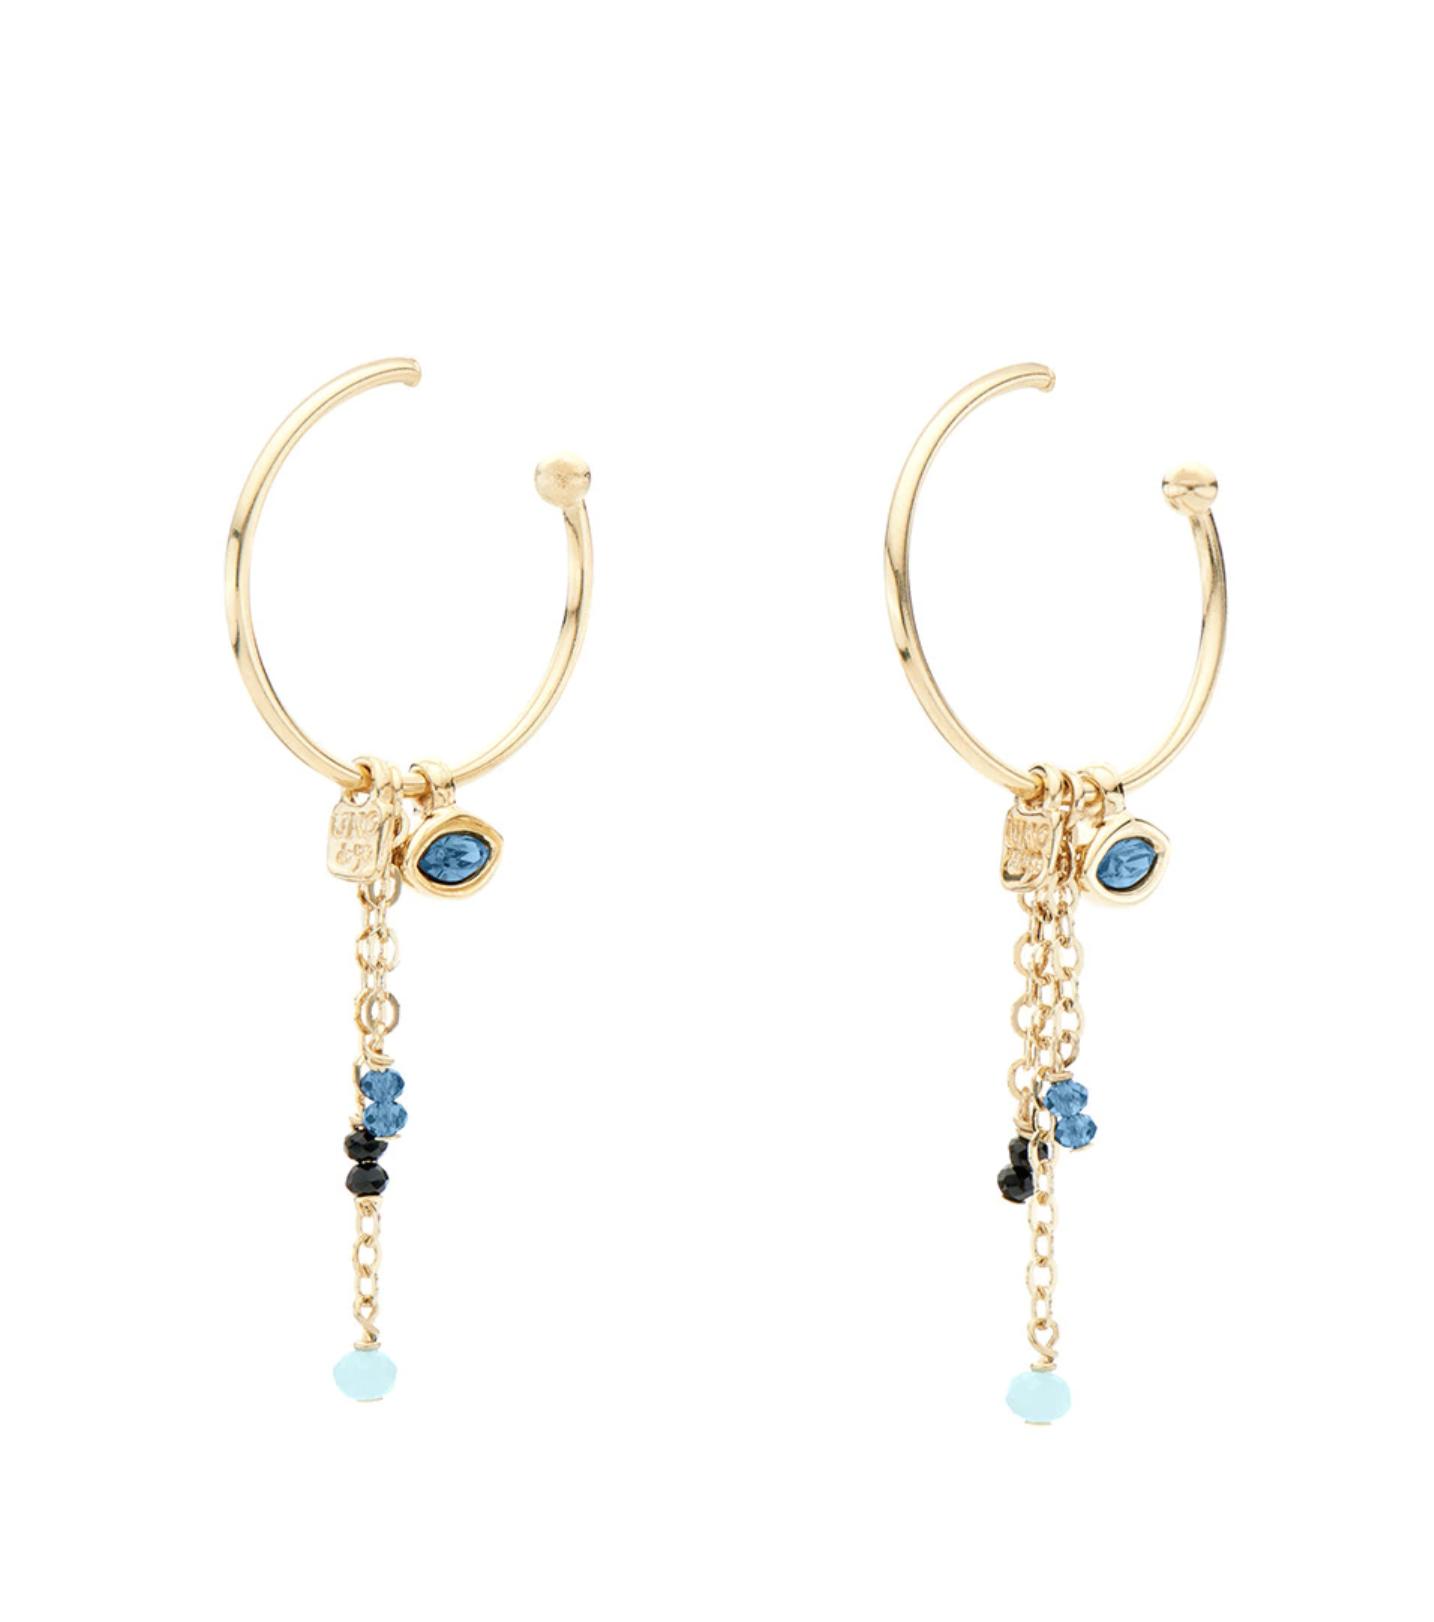 Pendientes de mujer Uno de 50 aro bañados en oro con cristales SwarovskiI® Elements